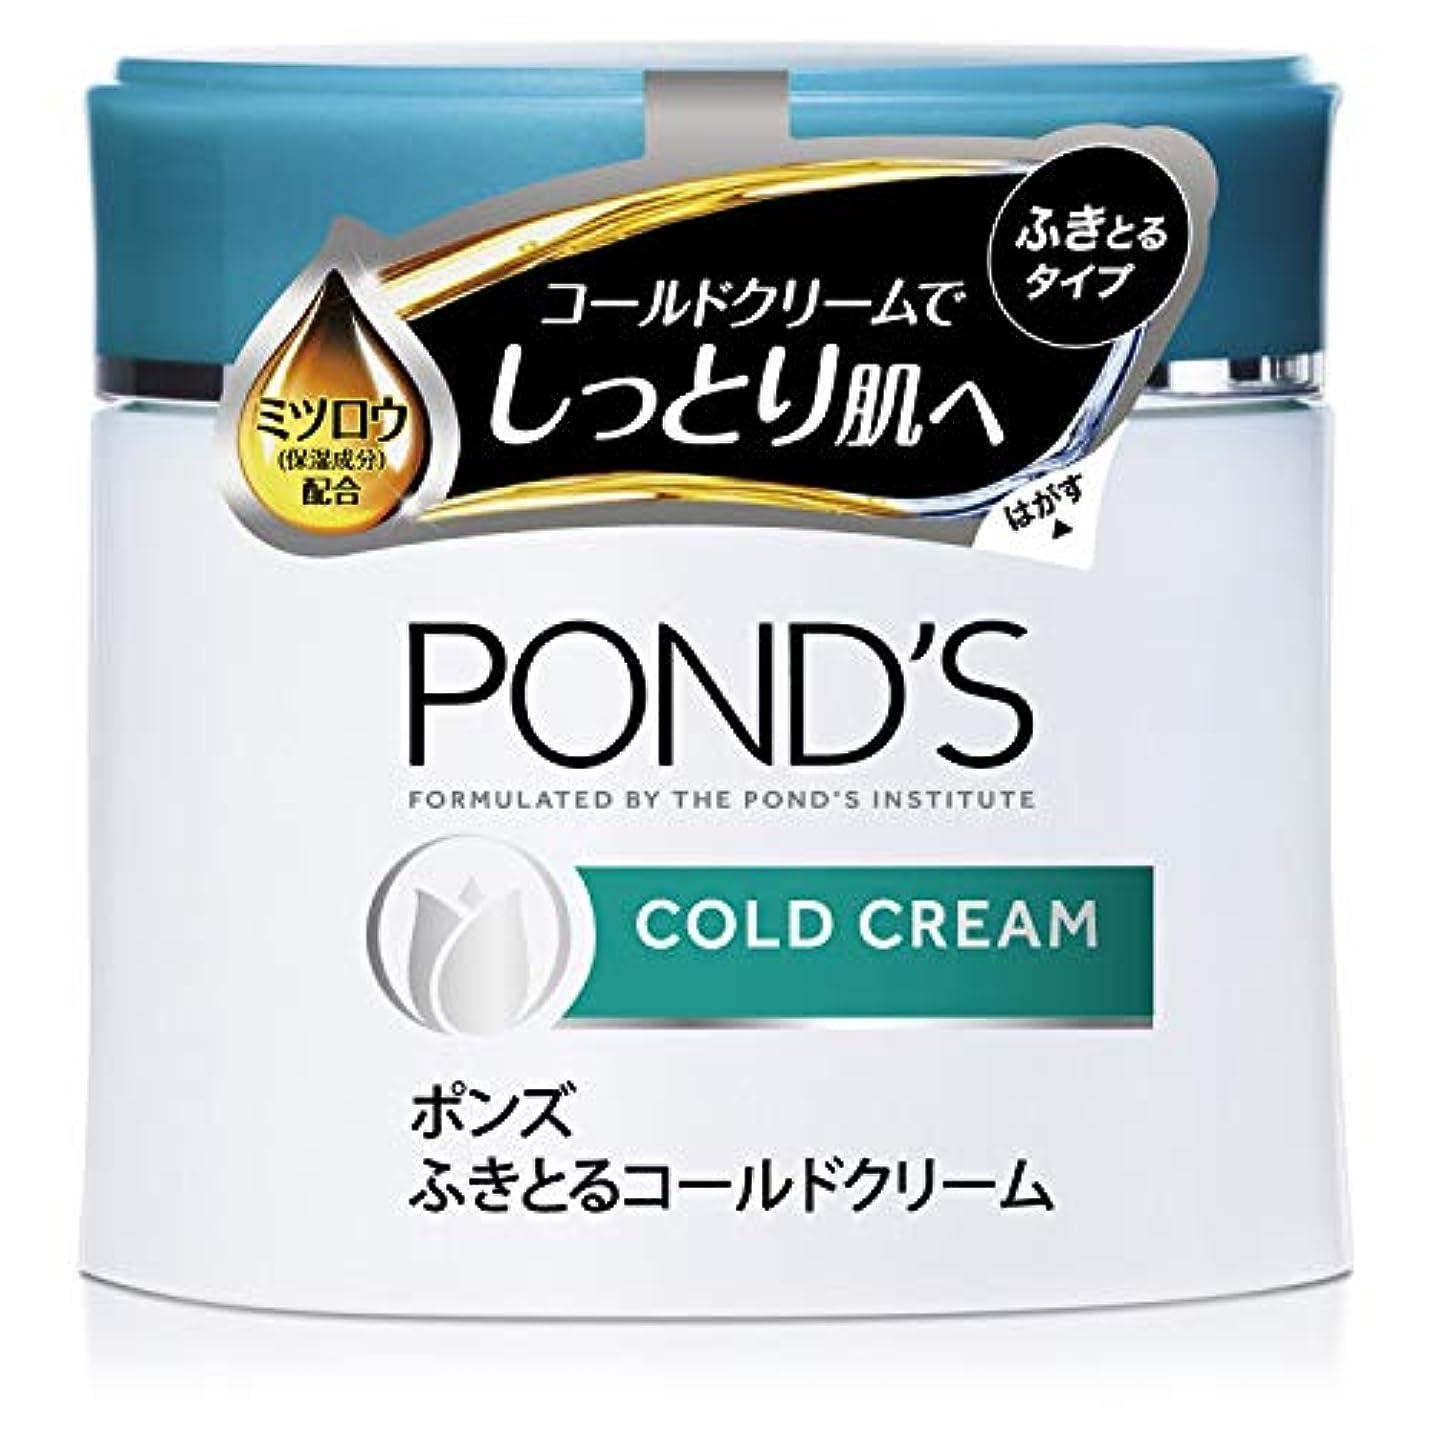 裏切る不名誉好色なユニリーバ?ジャパン ポンズ ふきとるコールドクリーム 270g 無着色(クレンジングクリーム)×24点セット (4902111727387)